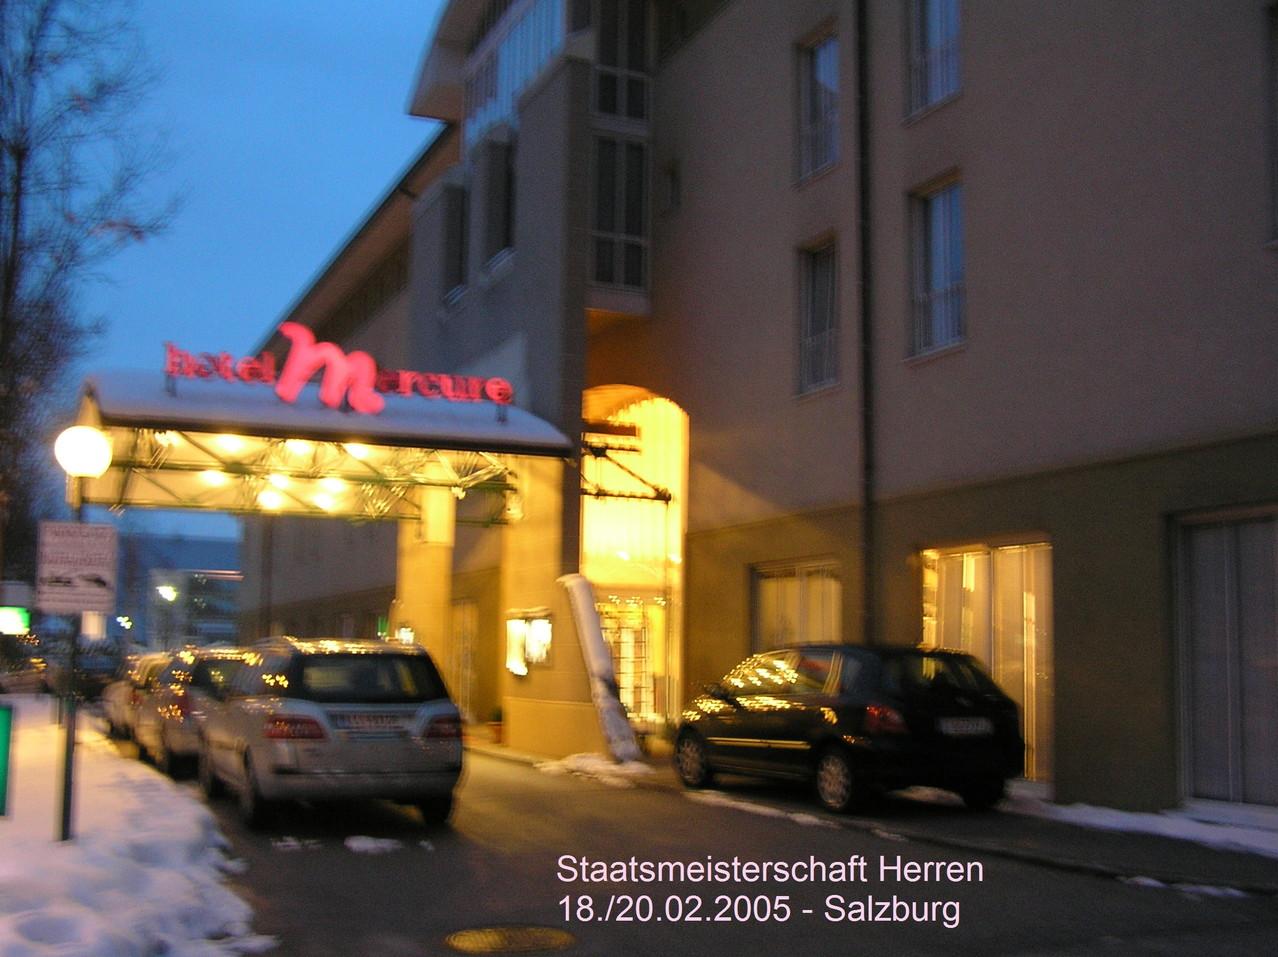 Staatsmeisterschaft 2005 in Salzburger - 9 Platz und Steher und ASKÖ Bundesmeisterschaft 2005